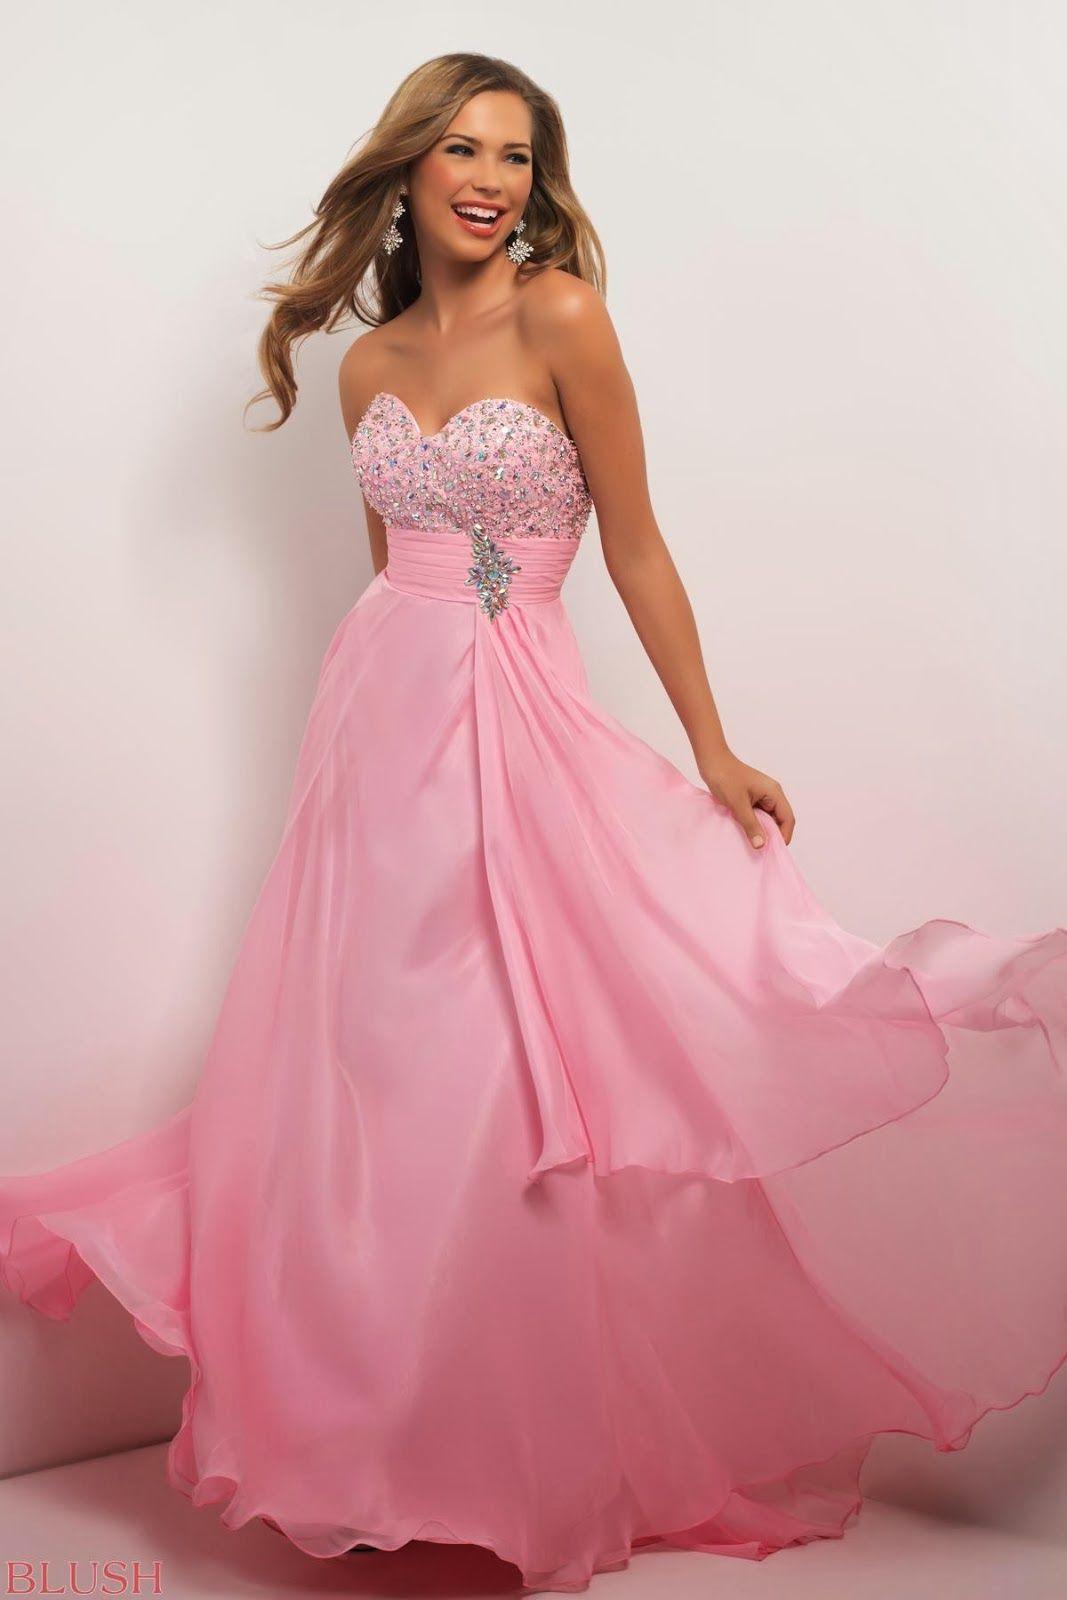 vestidos-rosa-volados-juvenil